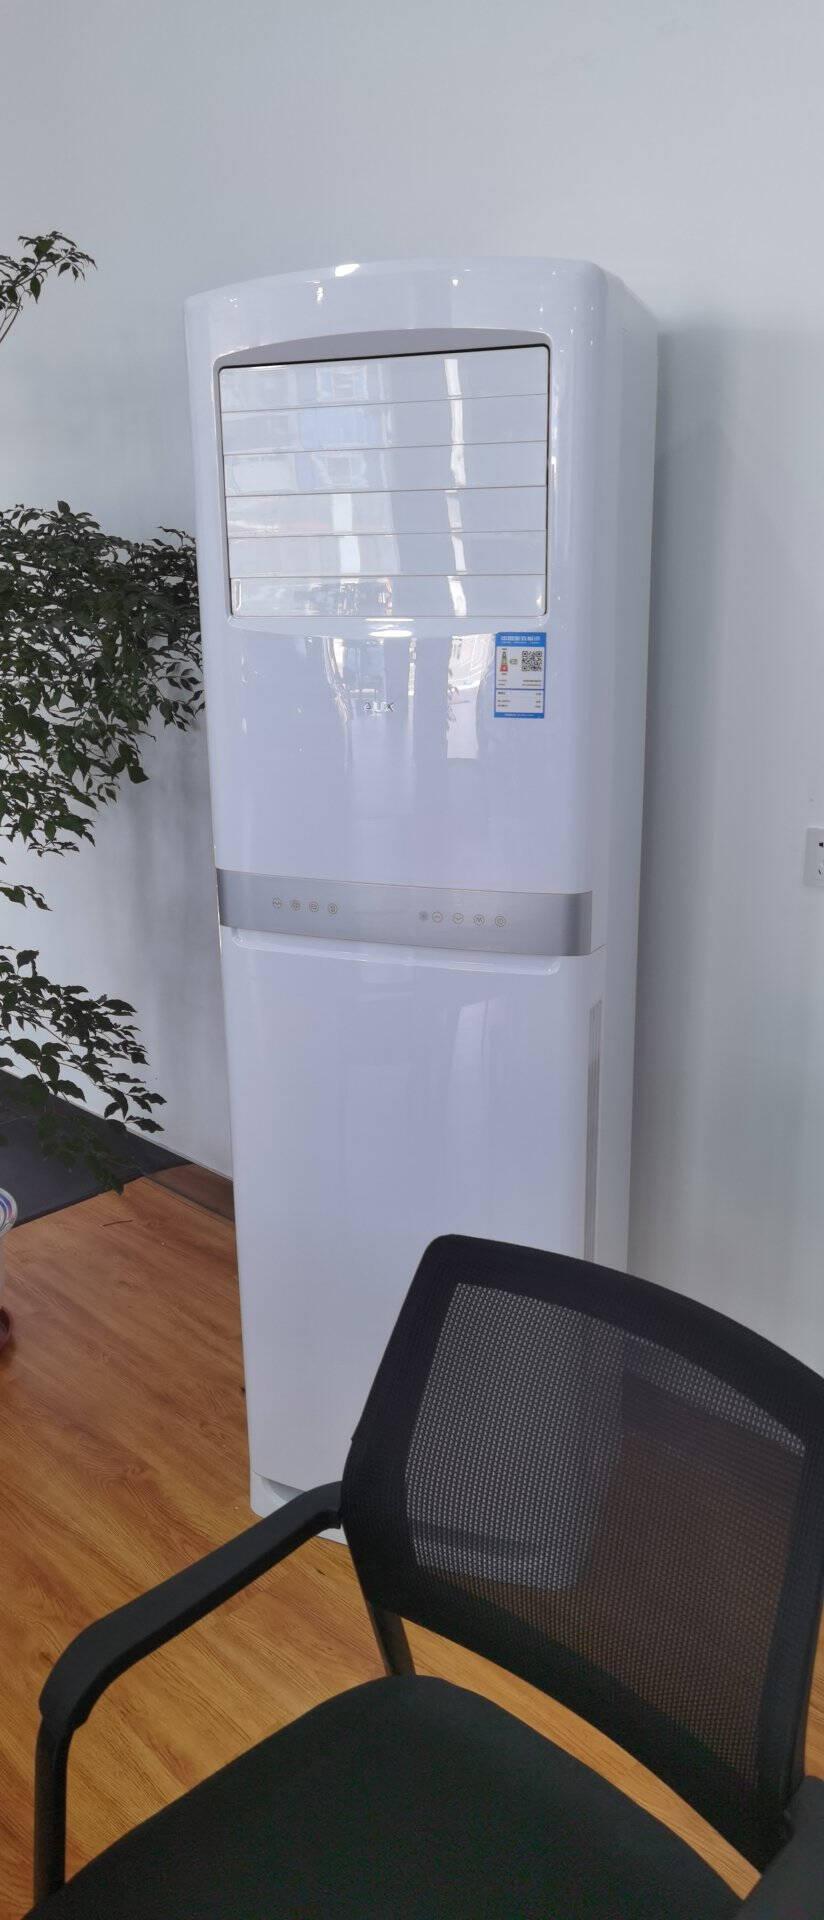 【可砍价,可开专票】奥克斯大5匹空调立式柜机大面积商铺冷暖两用380V二级能效节能省电120APC5匹:适用57-88㎡